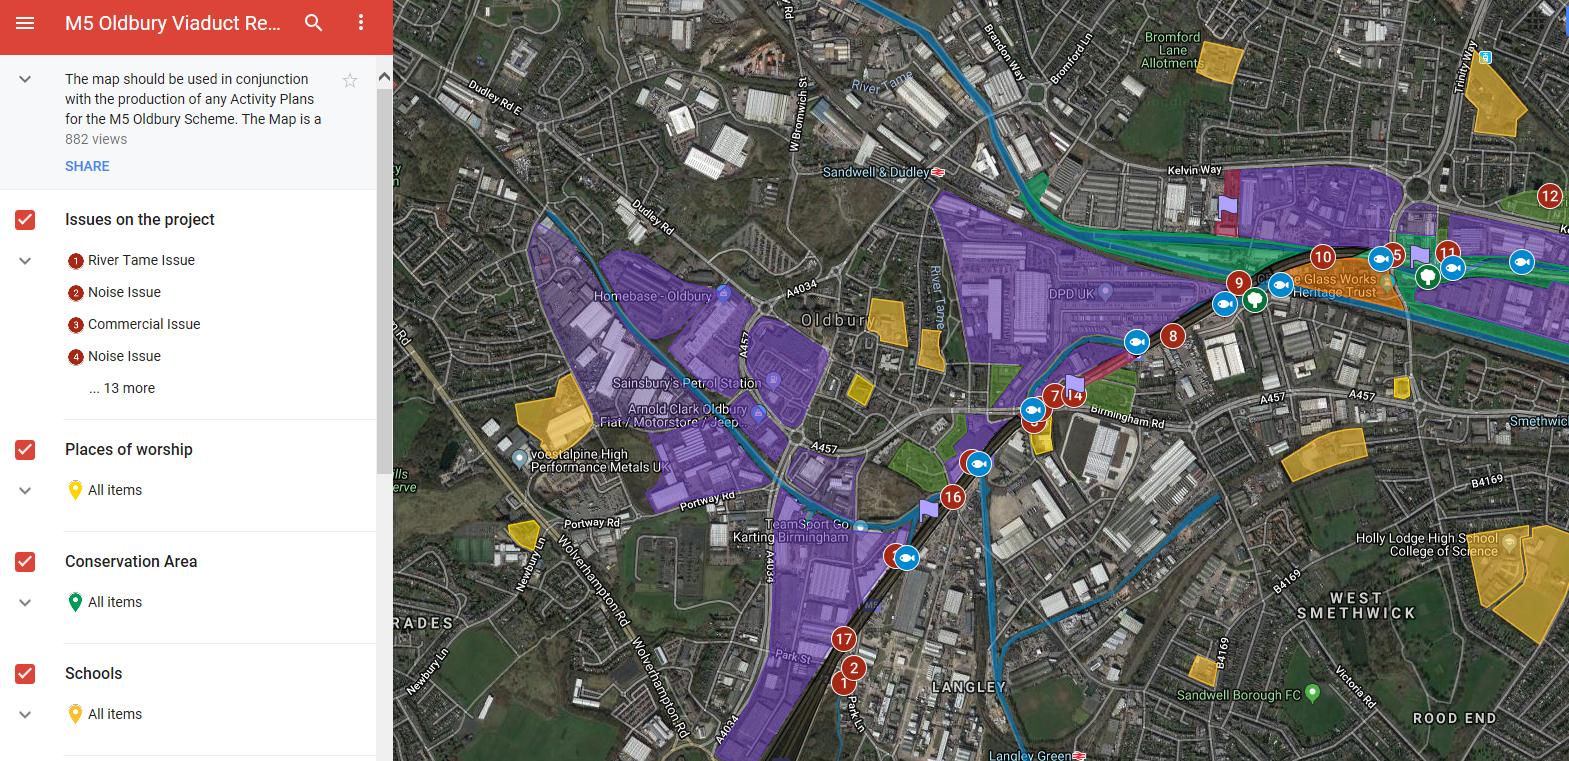 M5 Oldbury Viaduct Online Environmental Receptors Map Best Practice Hub